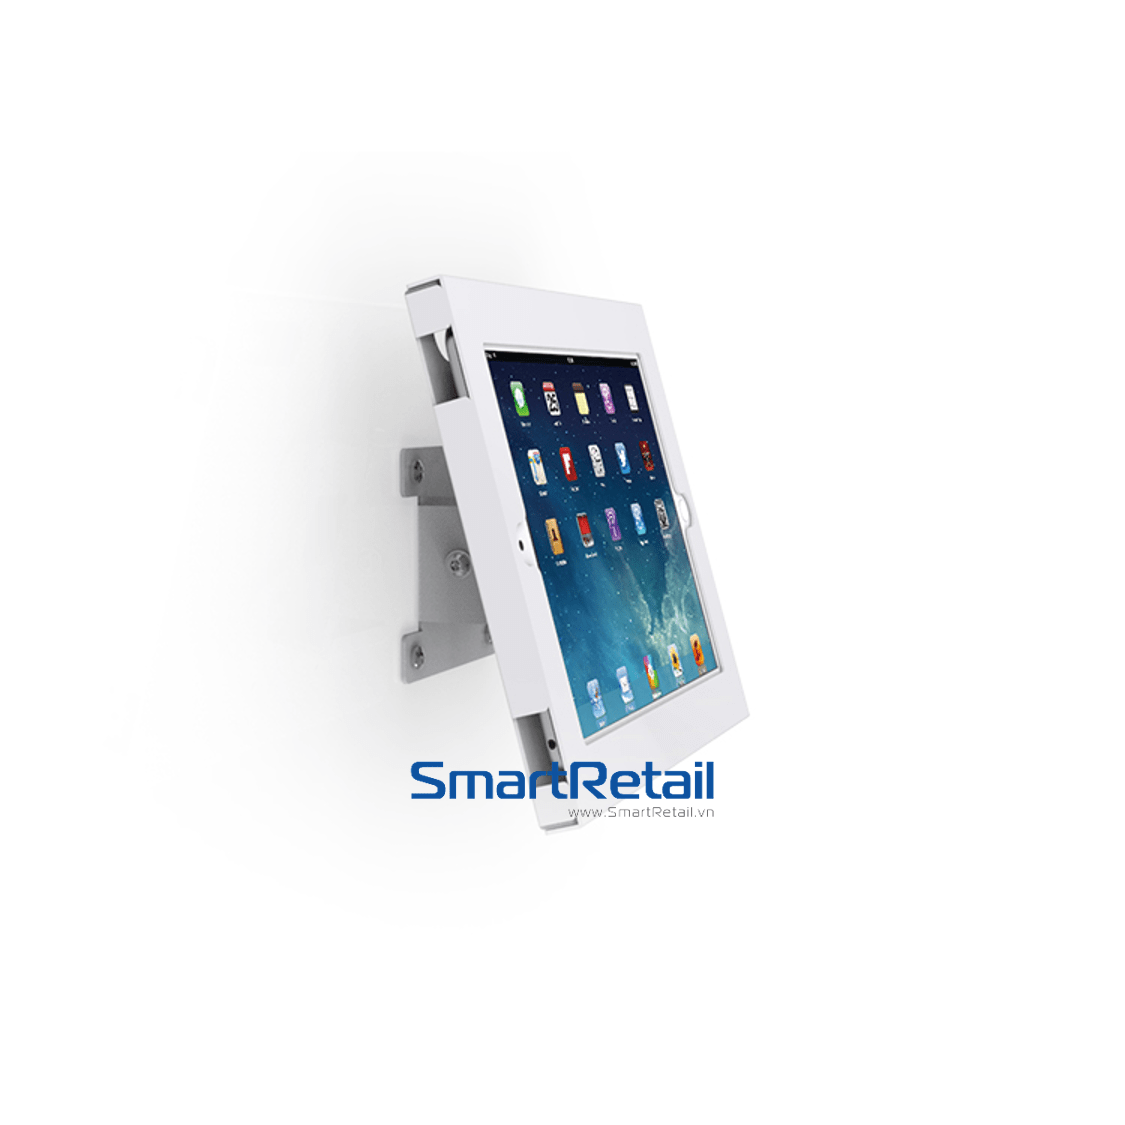 Giá đỡ máy tính bảng treo tường SW-101 - SmartRetail - 0935888489